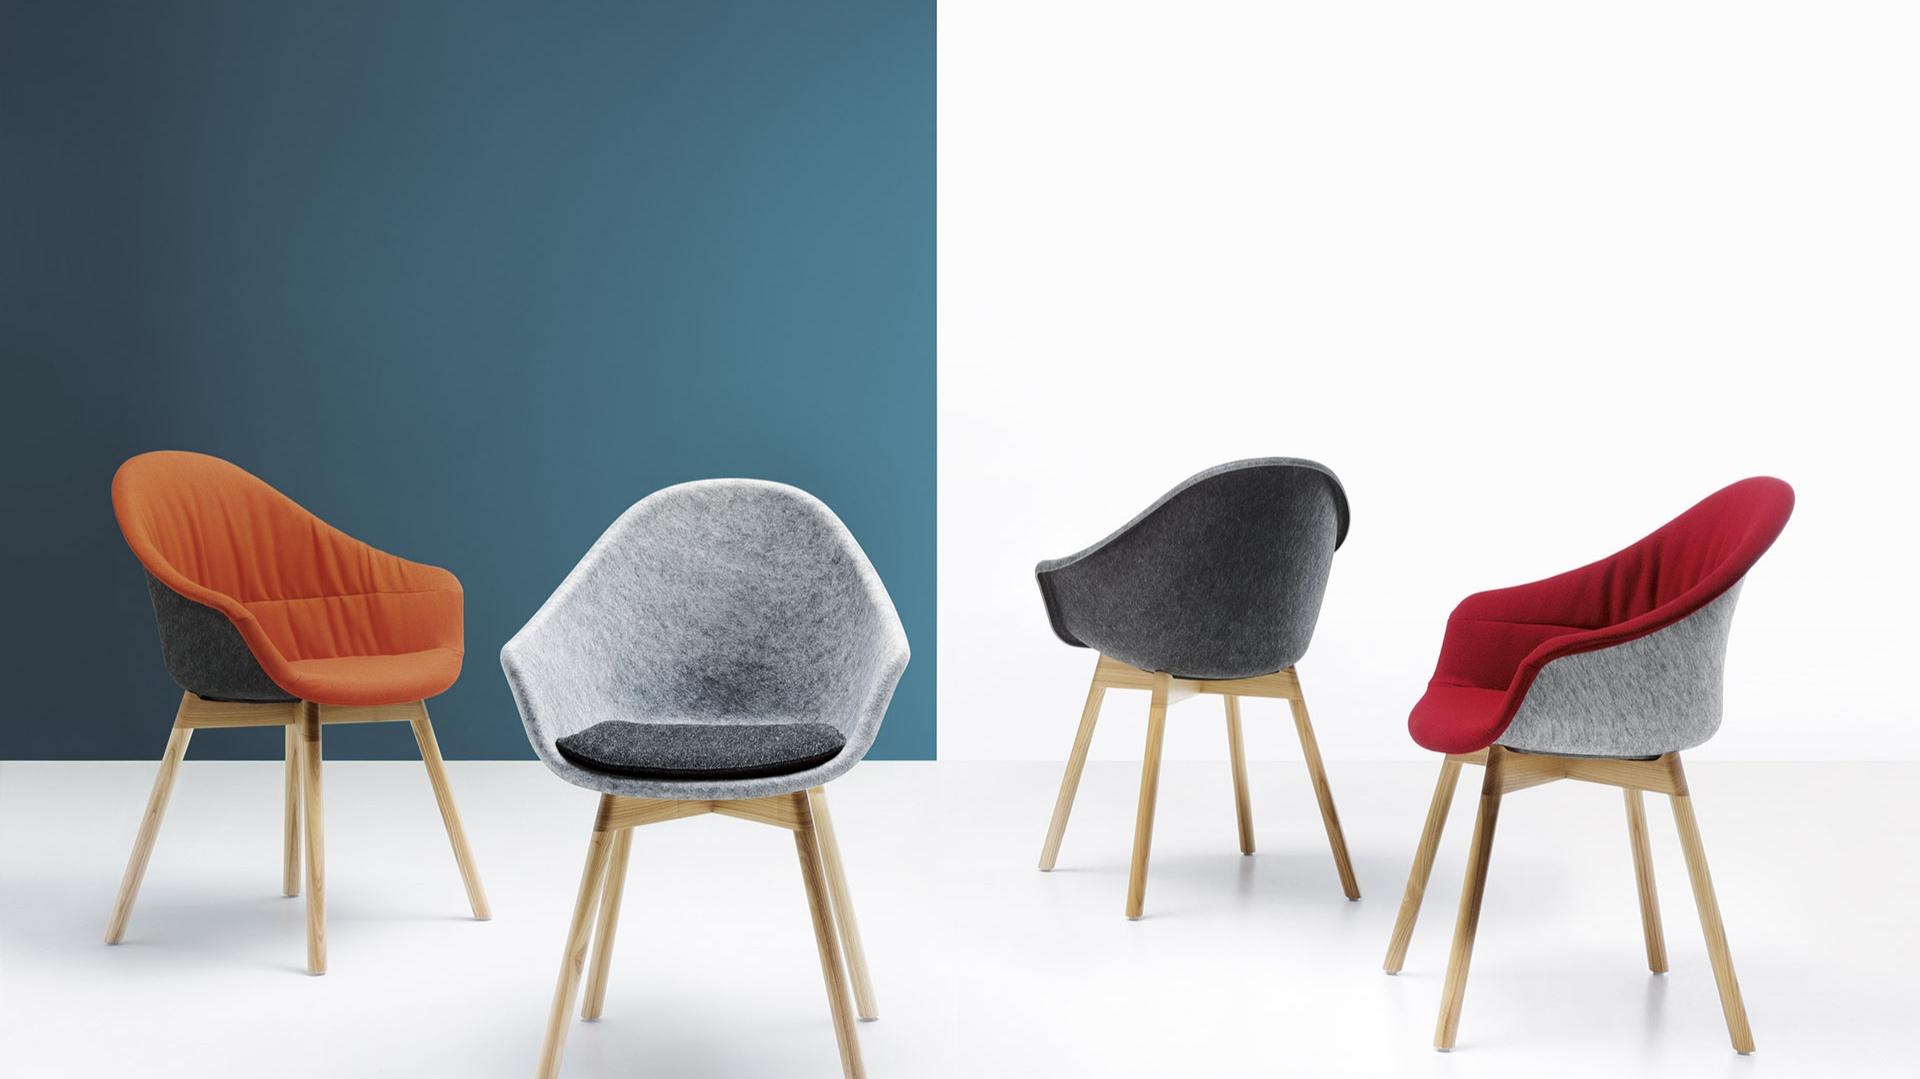 Krzesła Mamu - nowość marki Noti